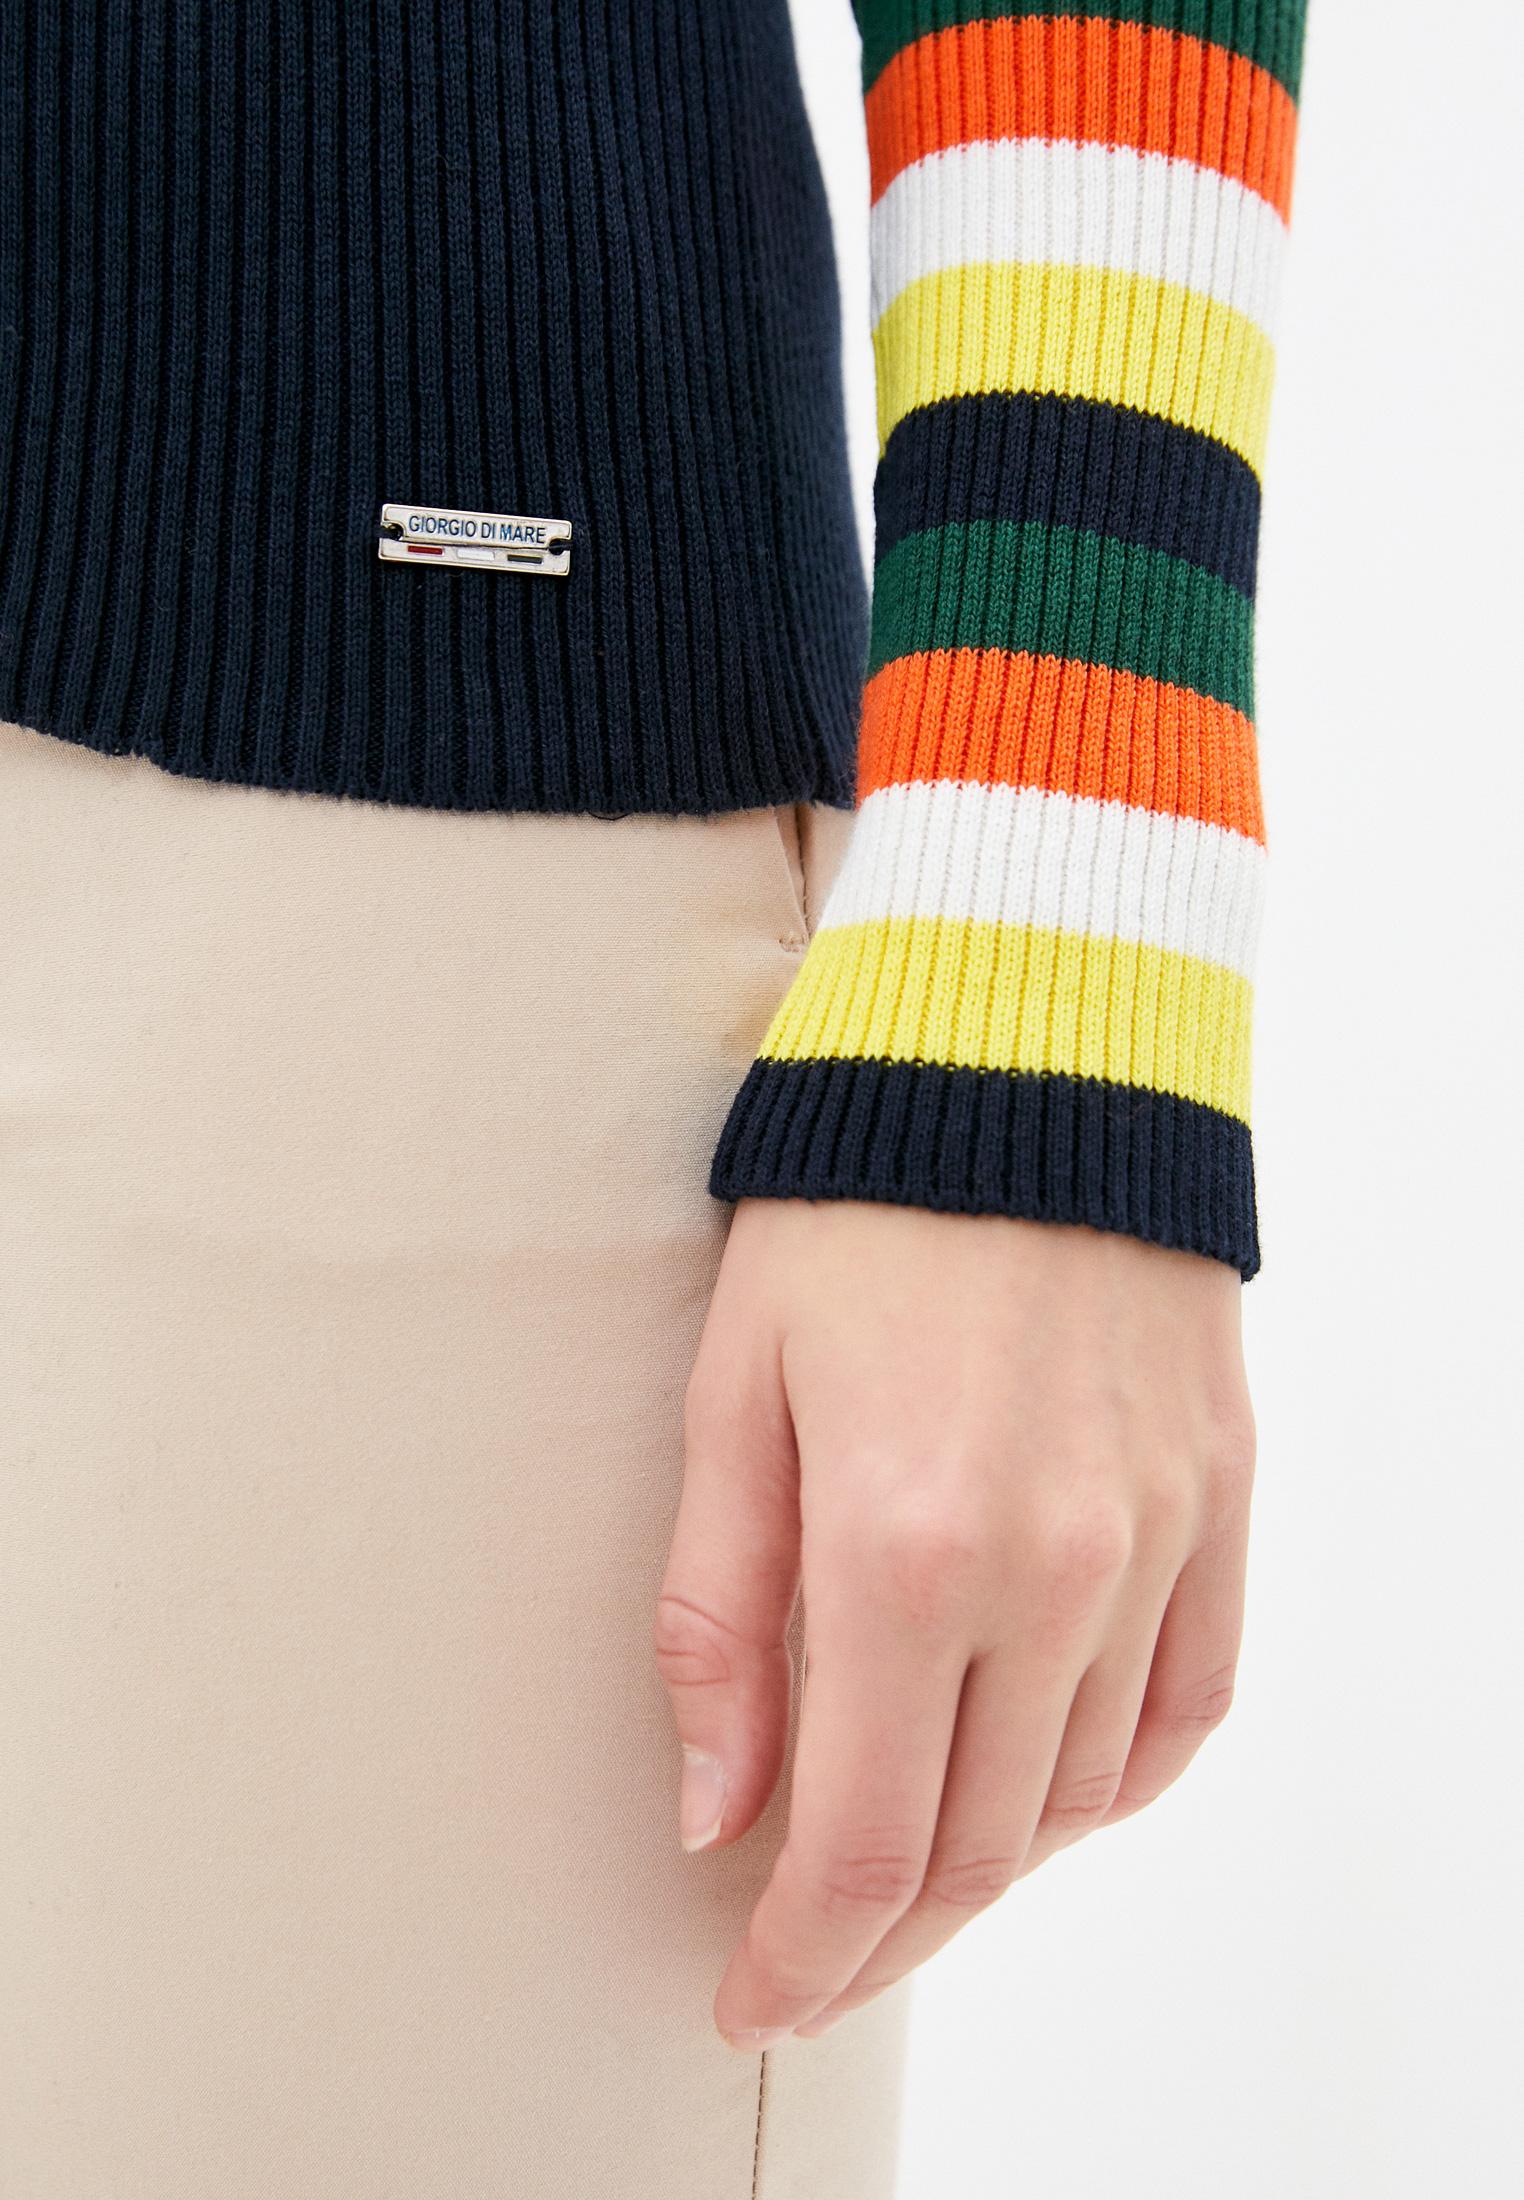 Пуловер GIORGIO DI MARE GI564411: изображение 6